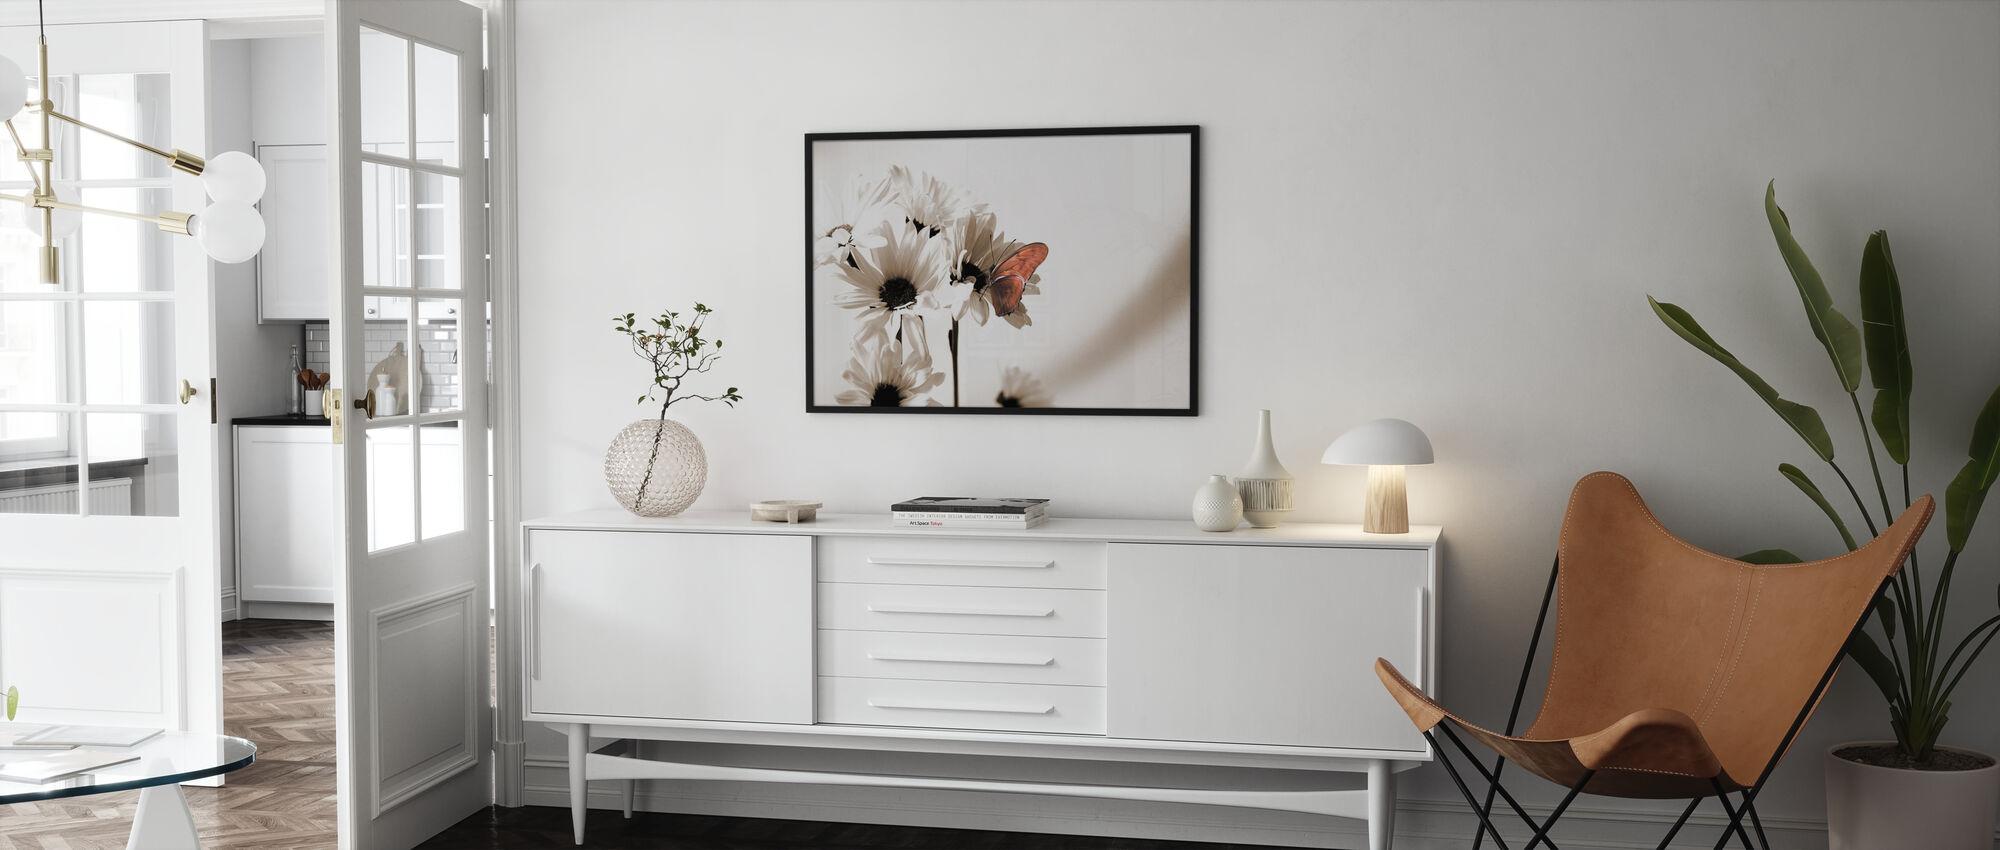 Julia Schmetterling - Rot - Poster - Wohnzimmer